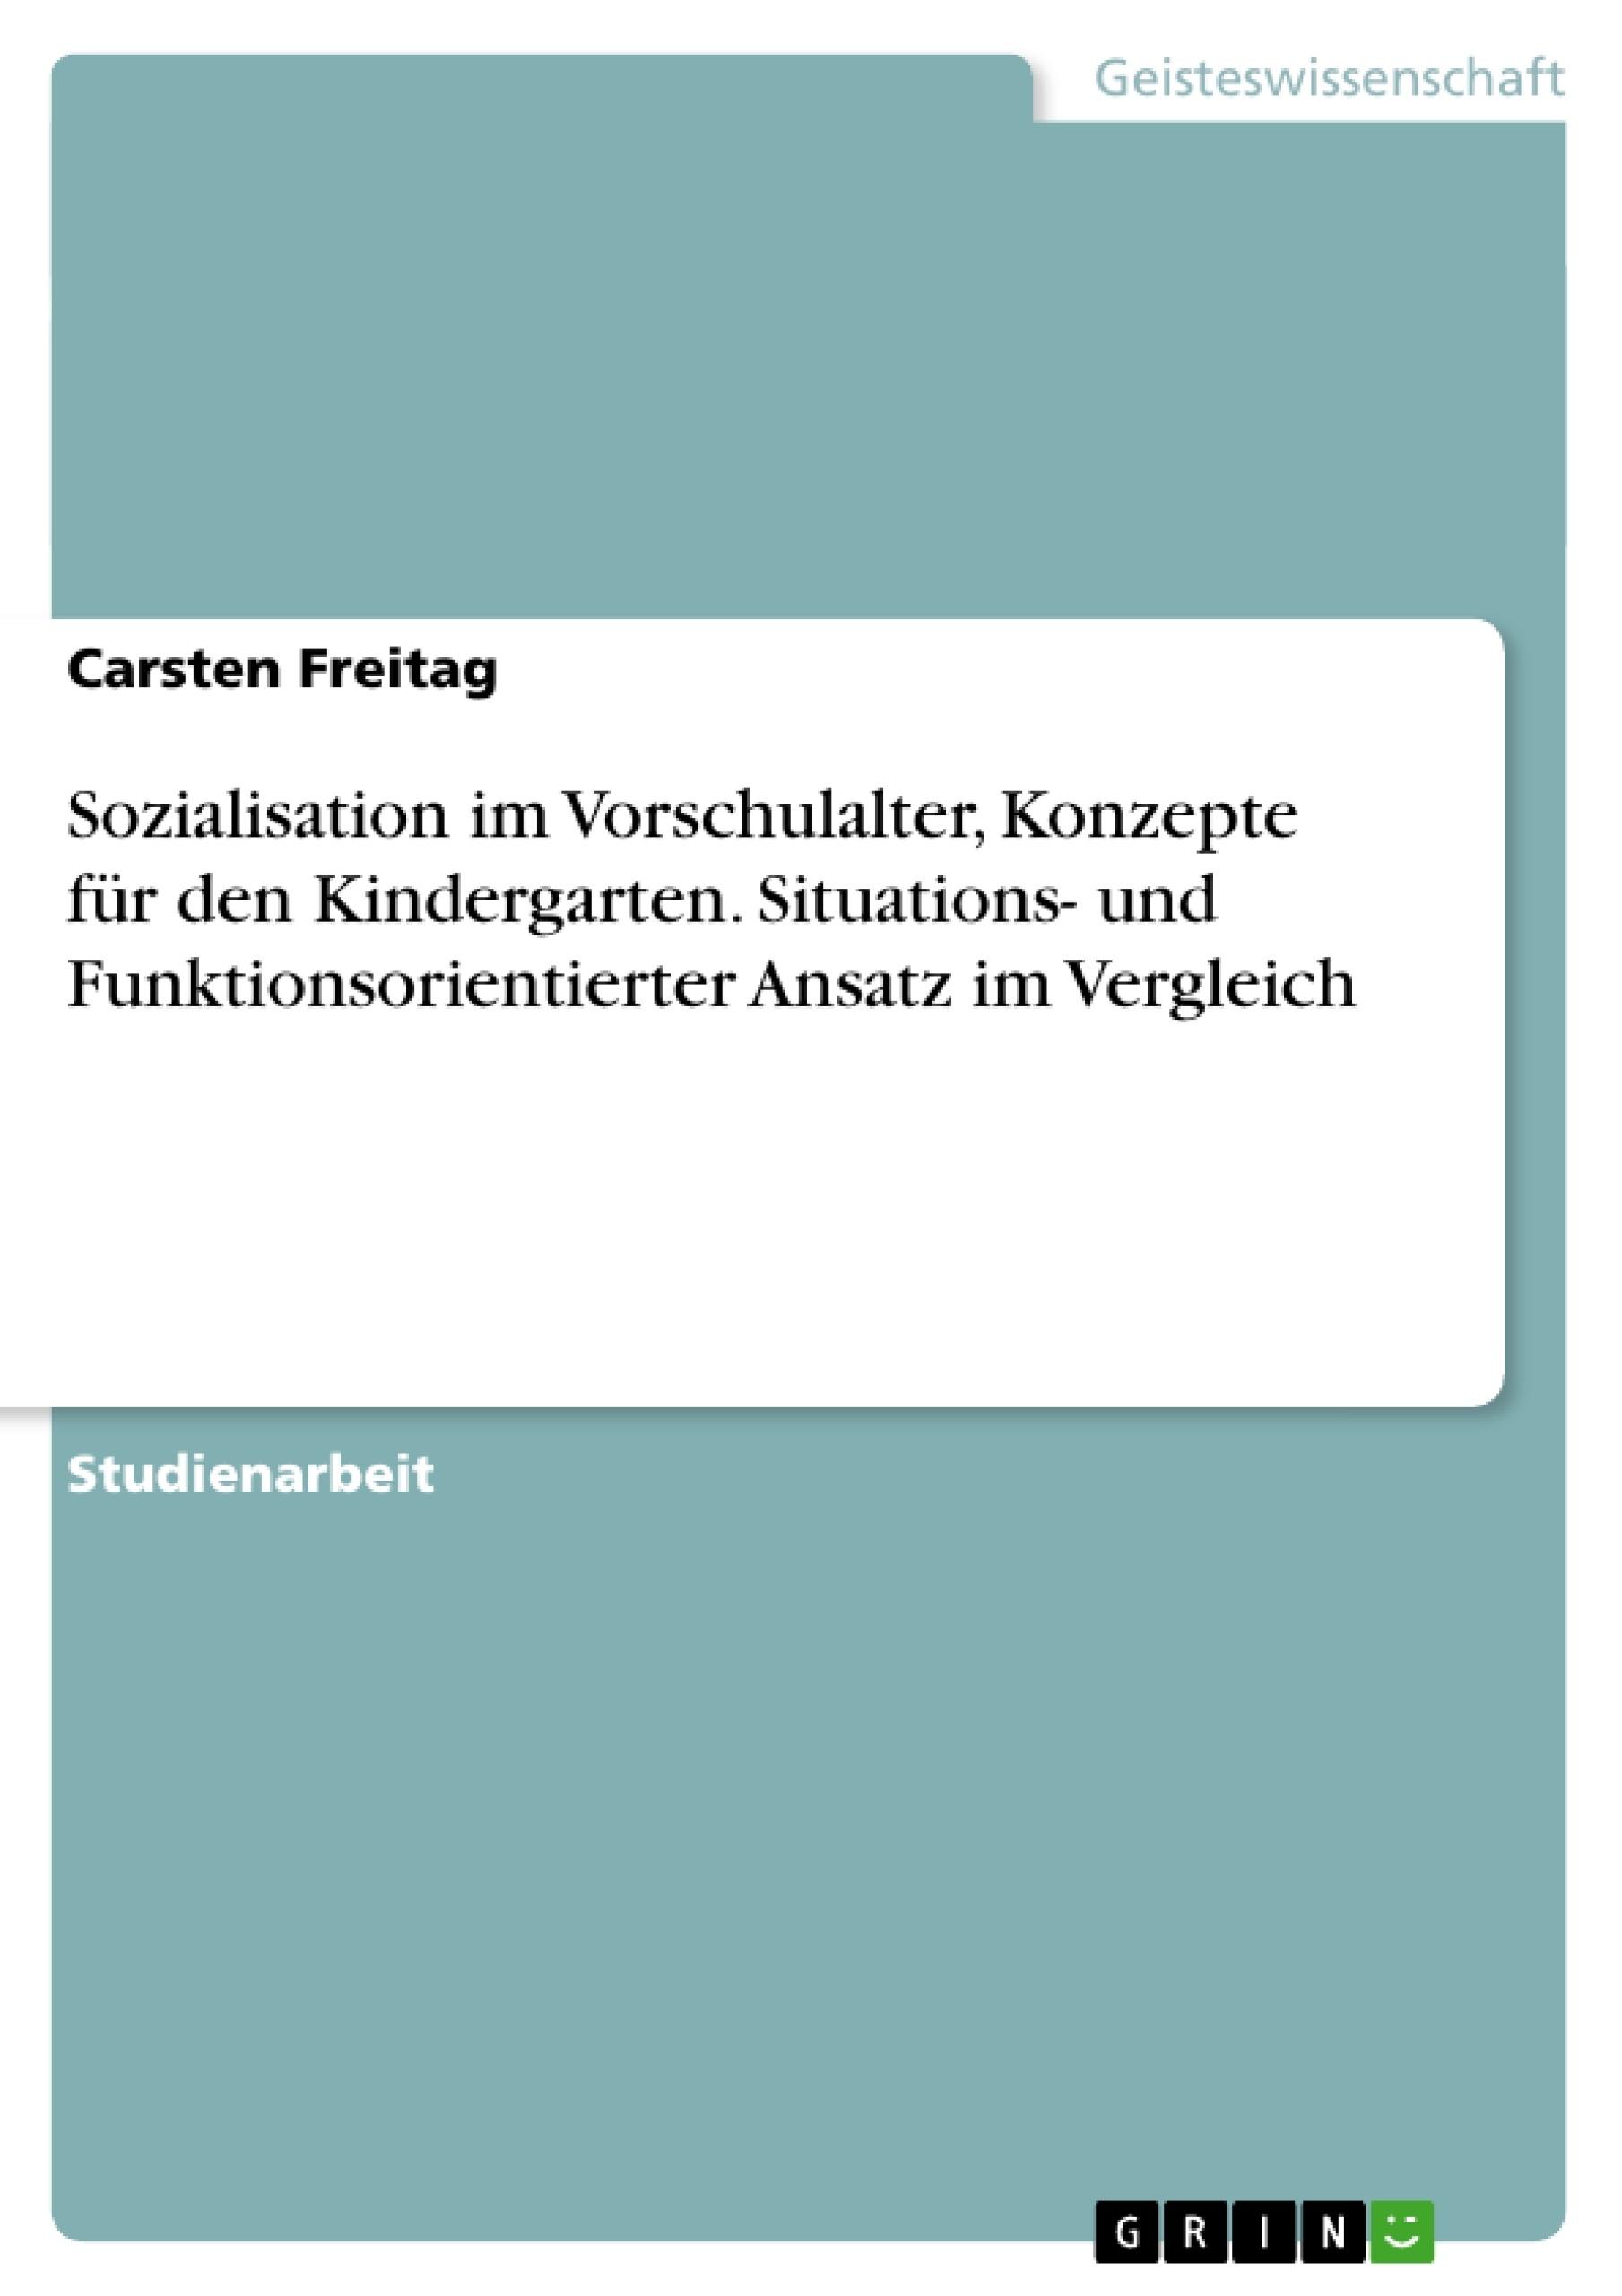 Titel: Sozialisation im Vorschulalter, Konzepte für den Kindergarten. Situations- und Funktionsorientierter Ansatz im Vergleich